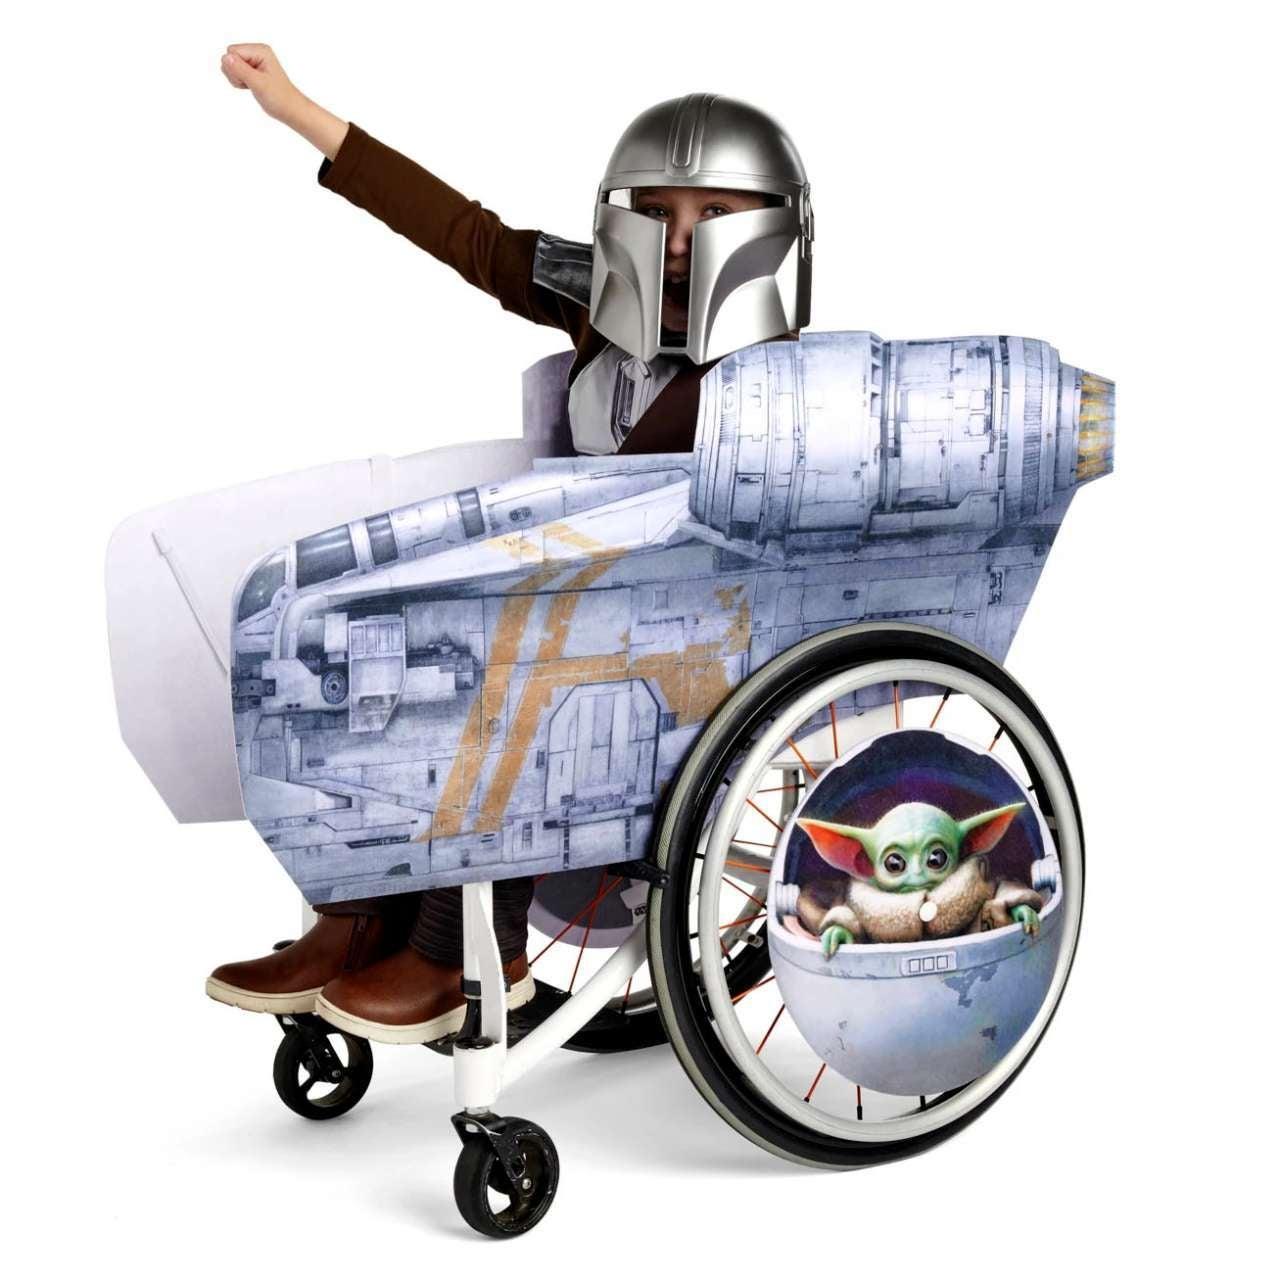 star-wars-mandalorian-adaptive-costume